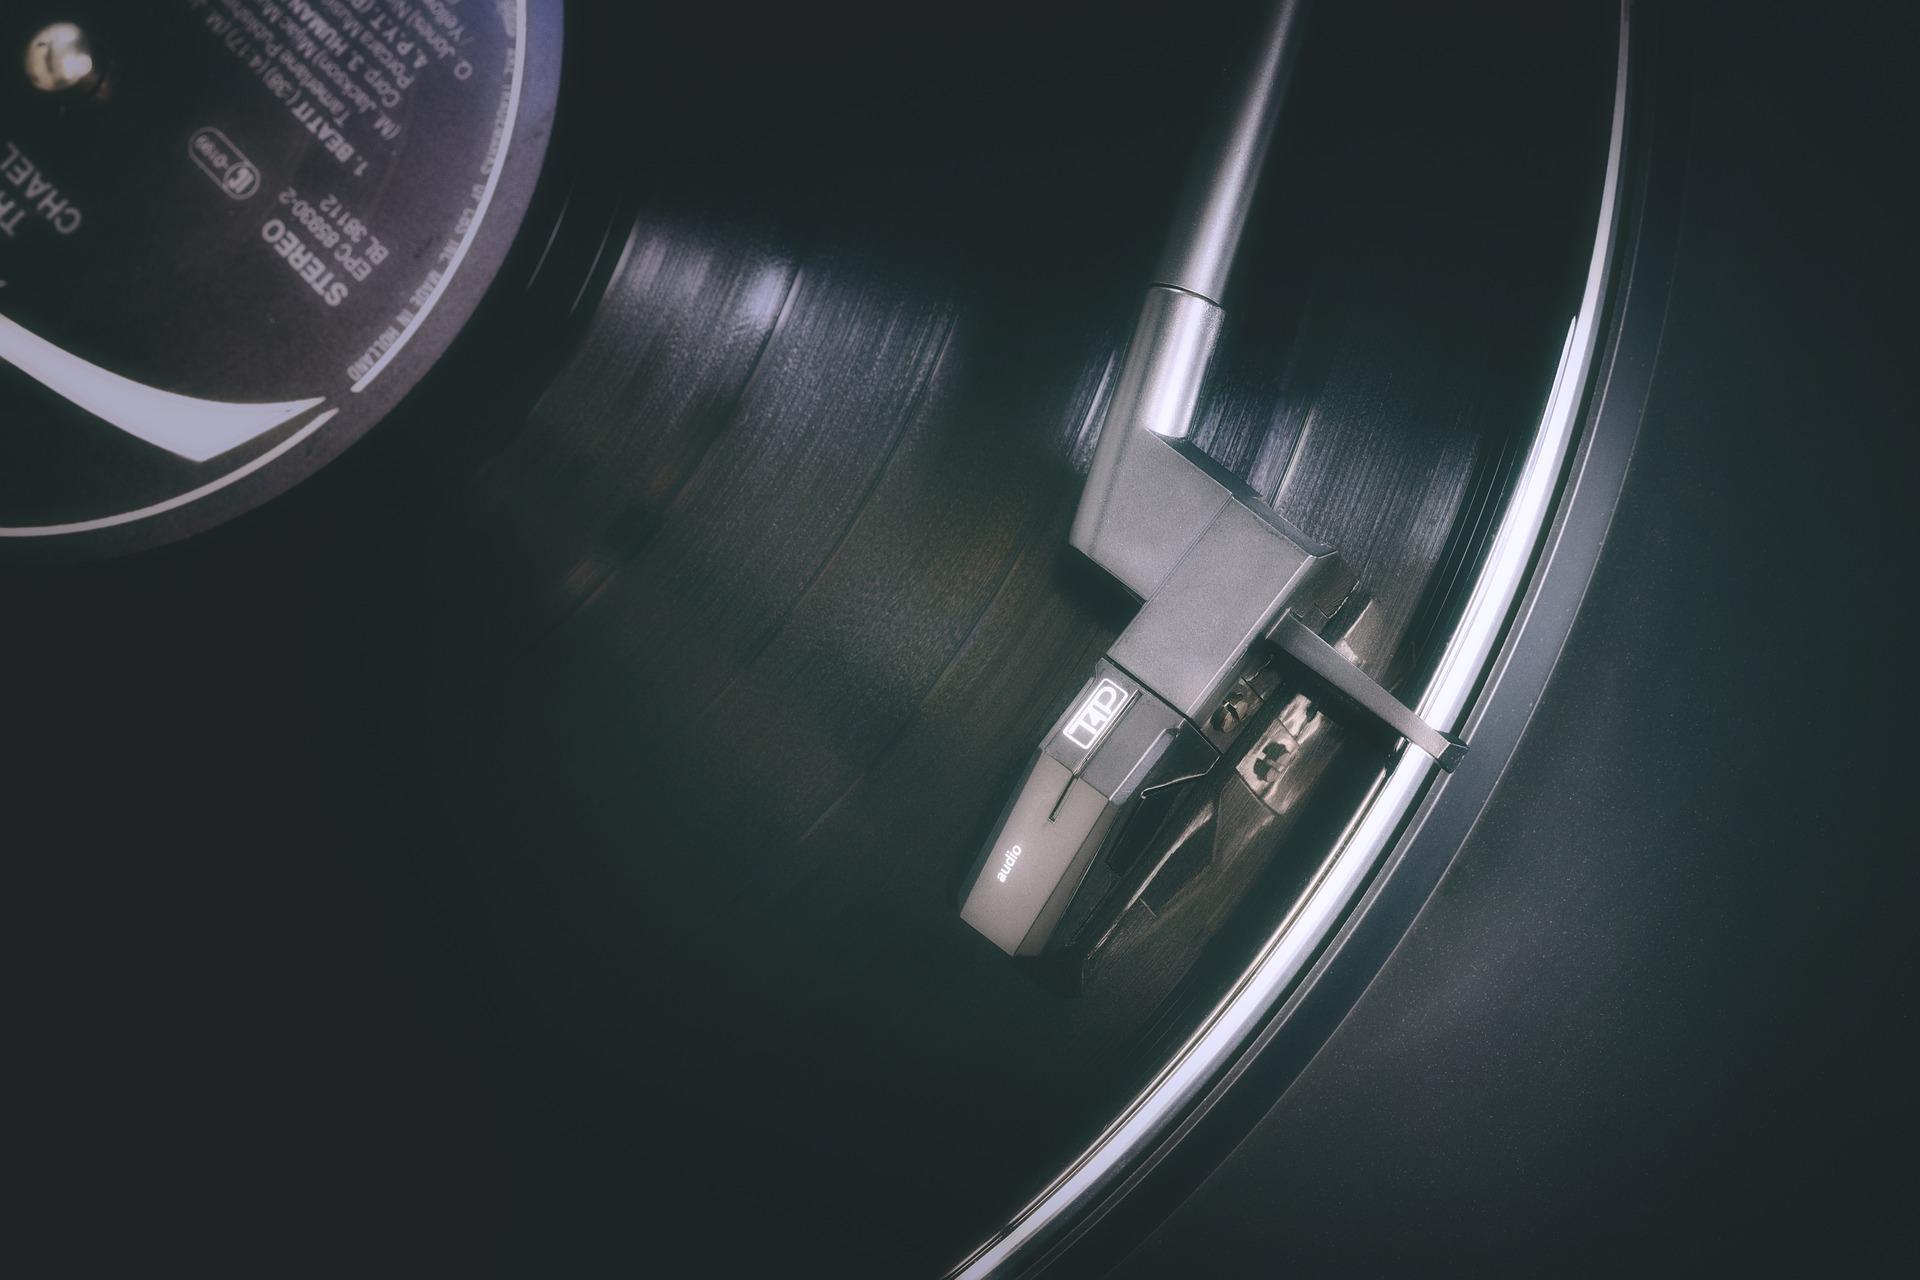 Eigenes Musiklabel gründen - so geht's